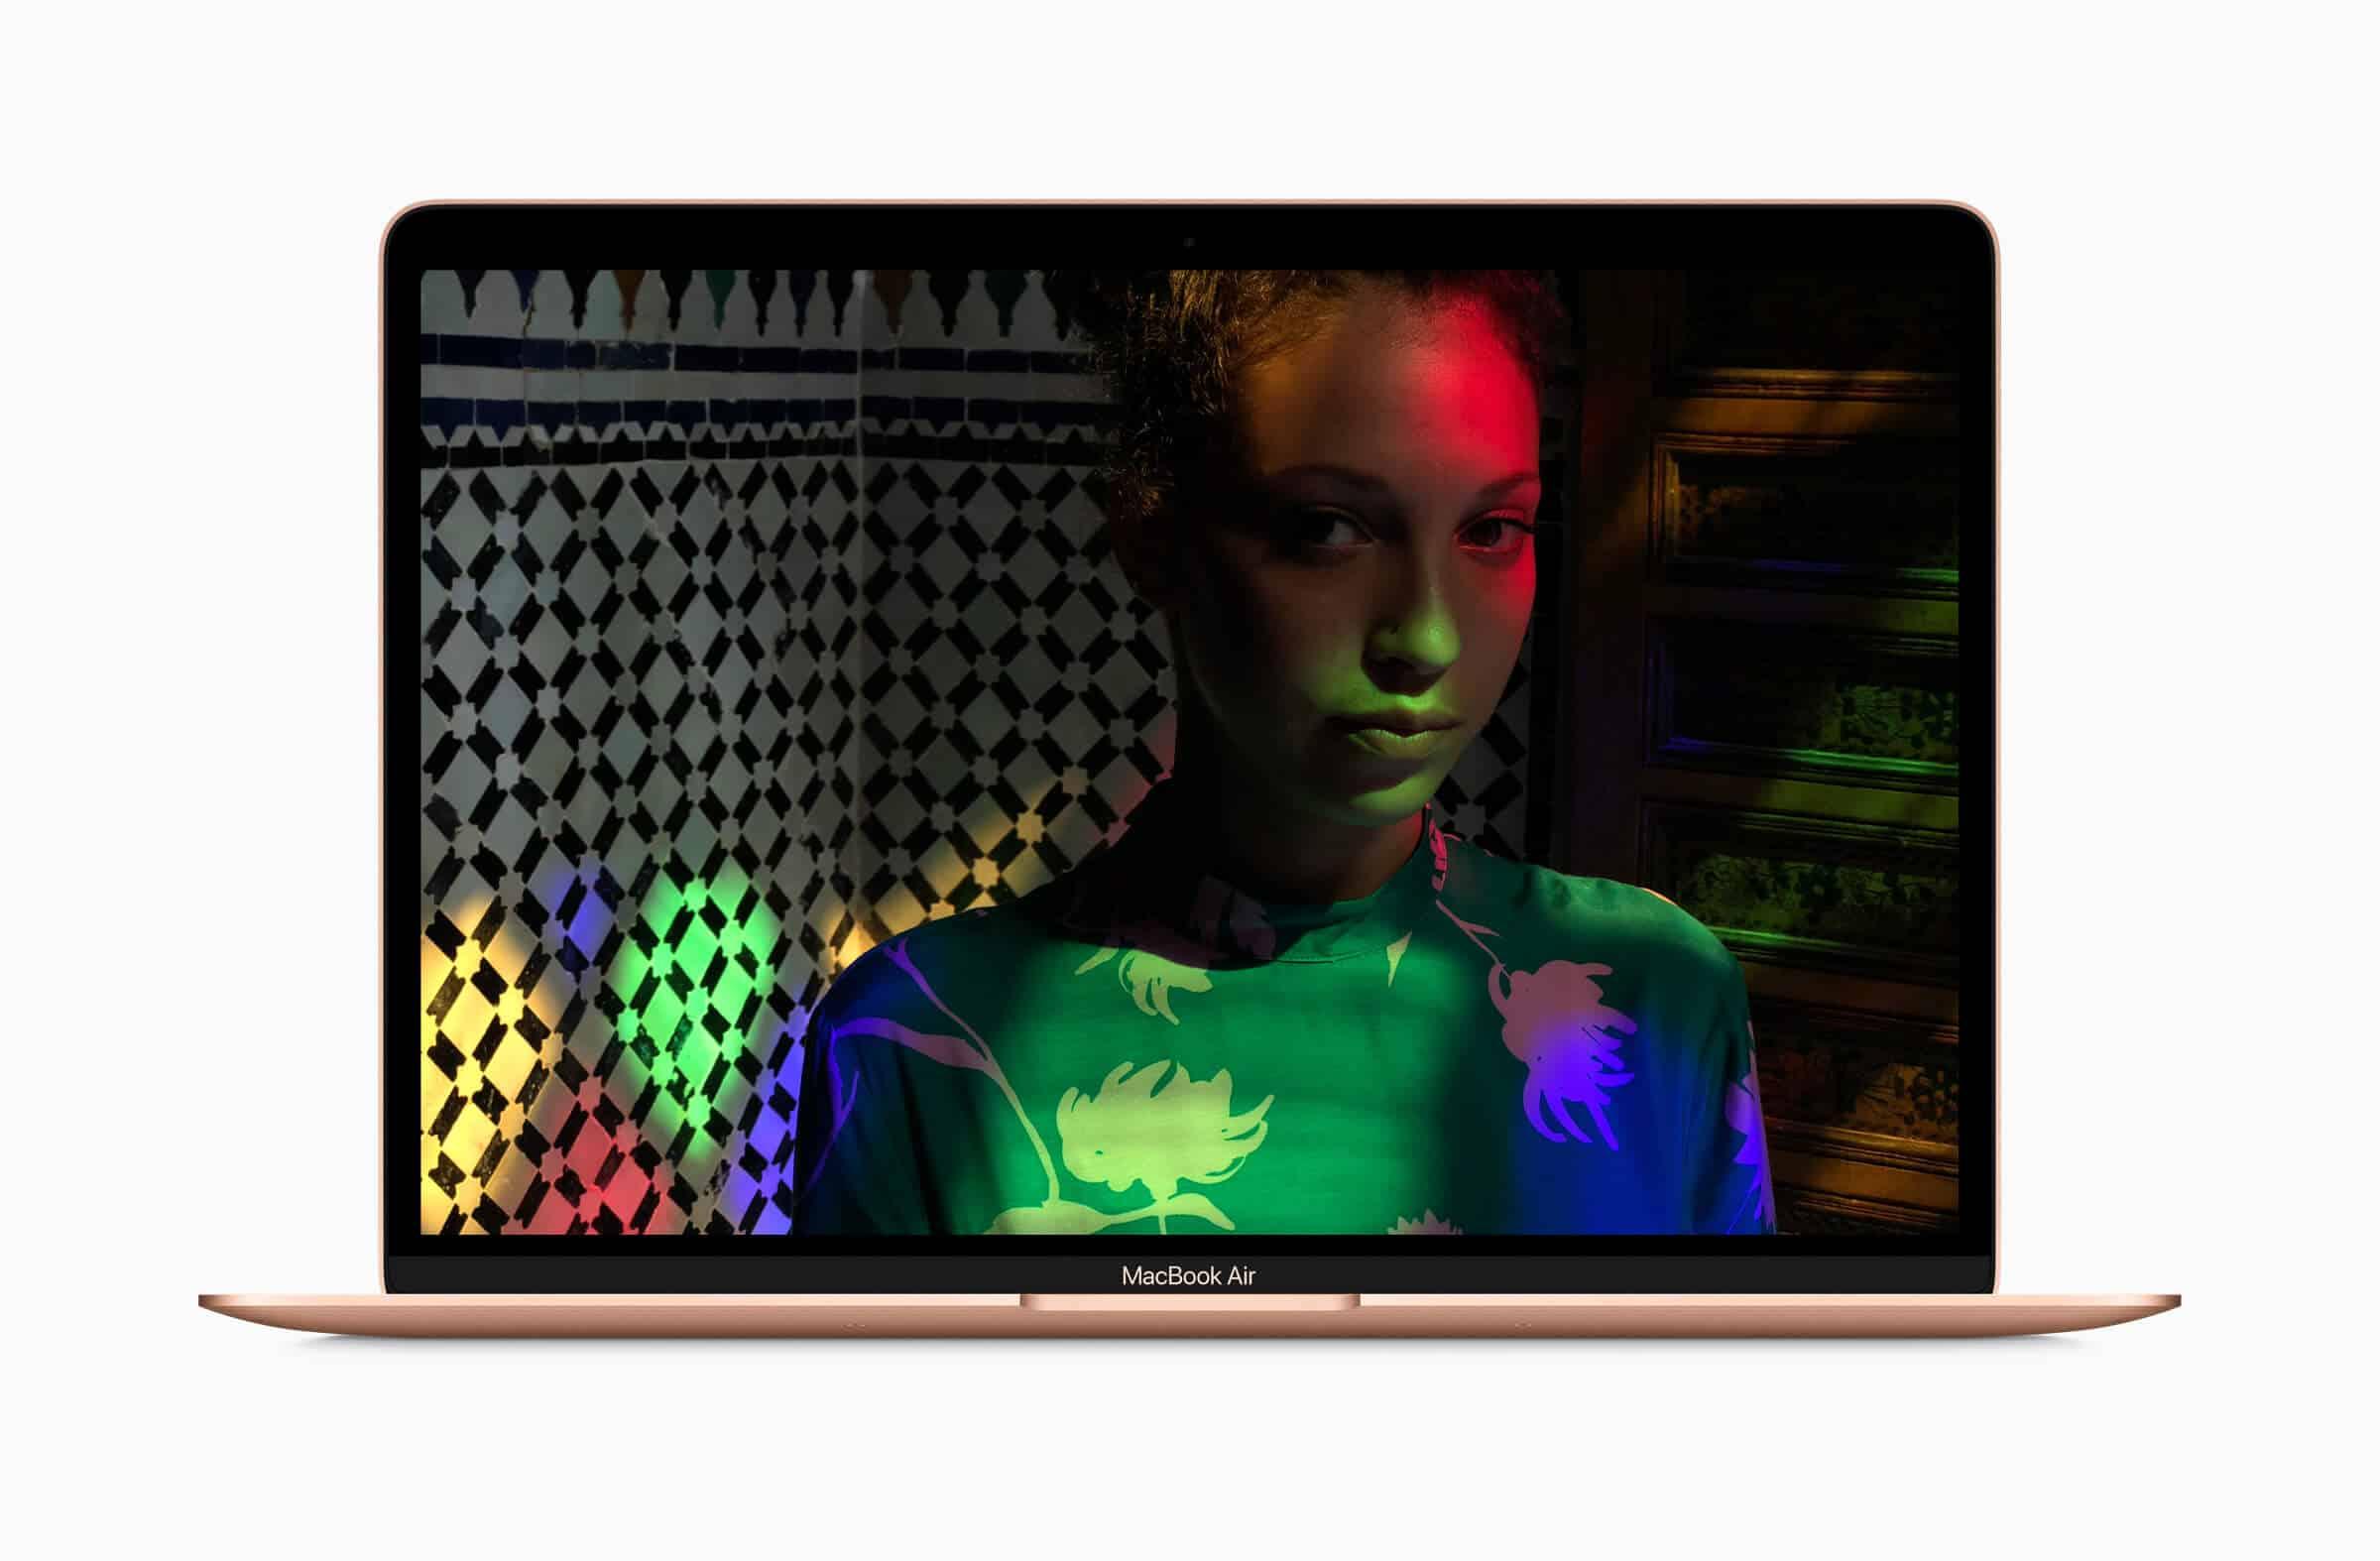 macbook air 2018 display